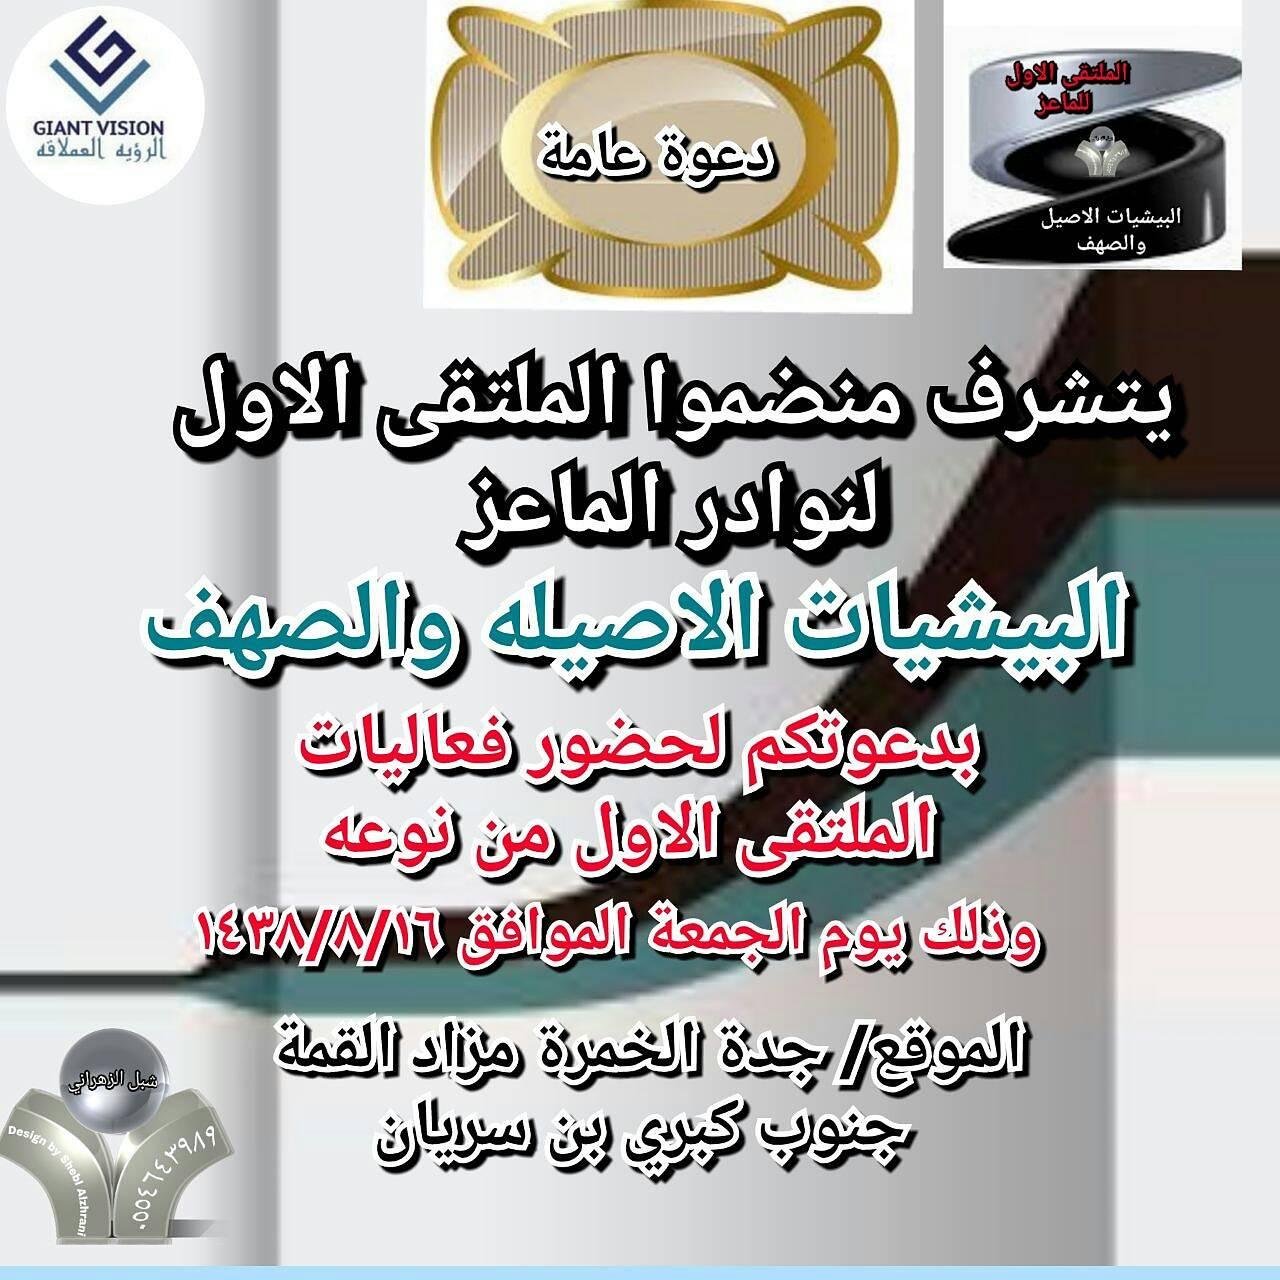 دعوة لحضور الملتقى الاول لنوادر afc147936d885a95e571f4117b5f209d.jpg